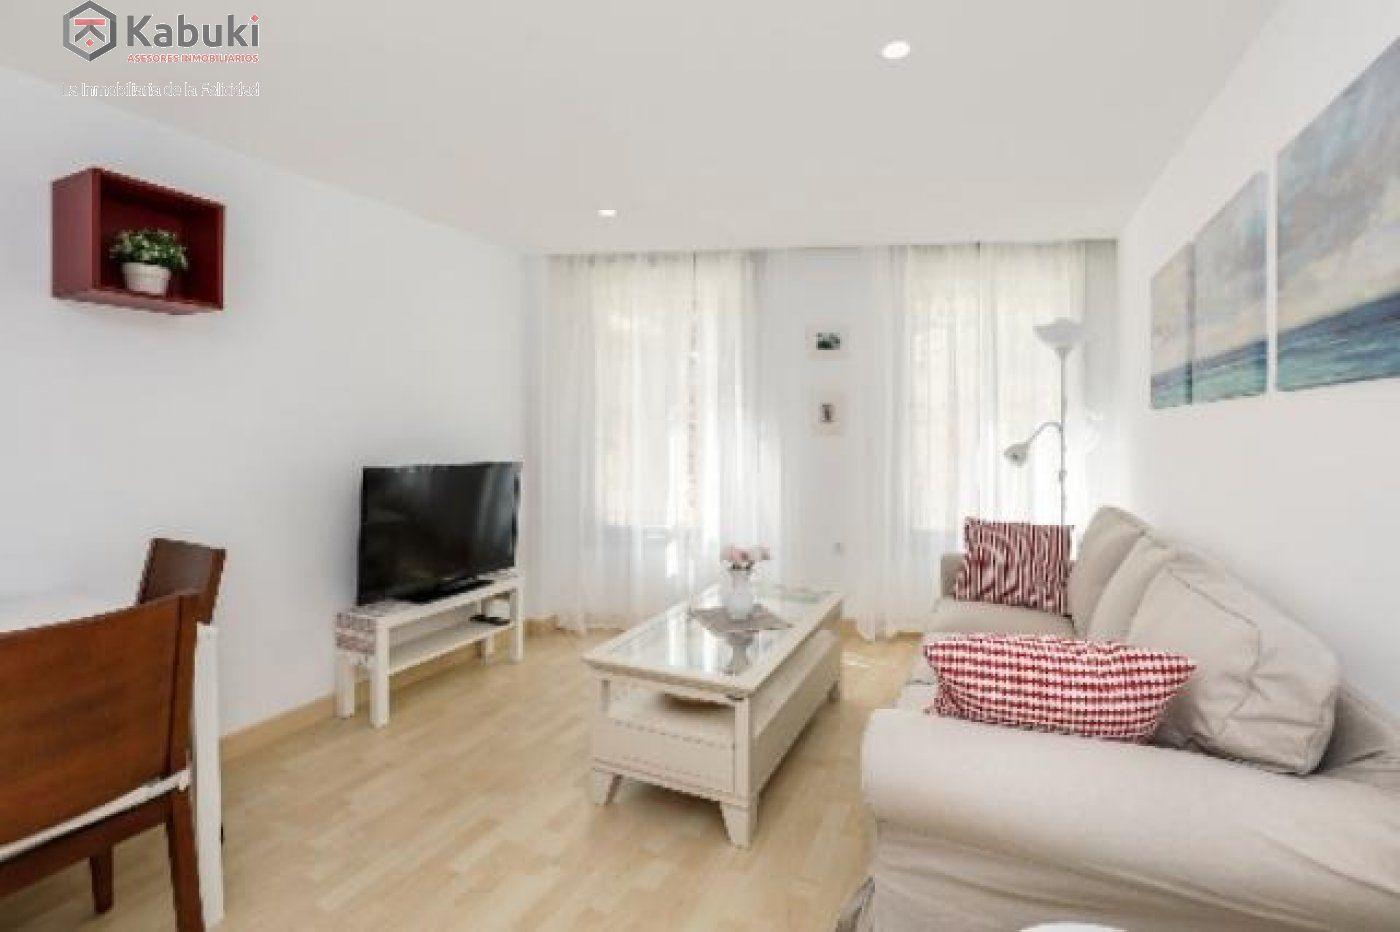 Coqueto y luminoso apartamento en un entorno privilegiado junto a los cahorros - imagenInmueble0